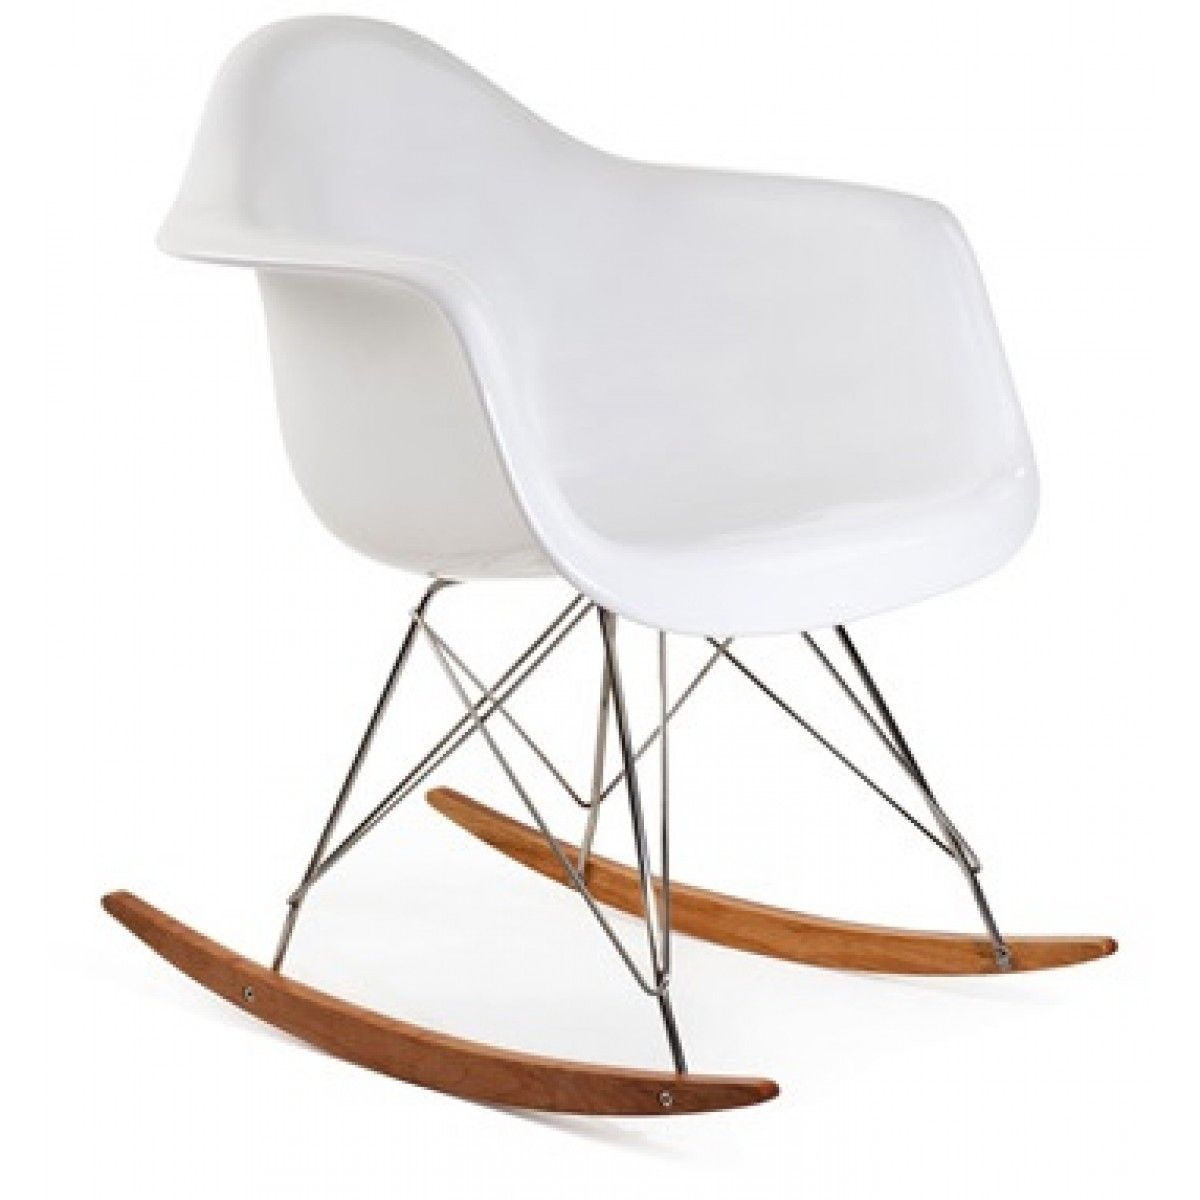 Eames plastic rocking chair - Eames Style Rar Molded White Plastic Rocking Chair With Steel Eiffel Legs